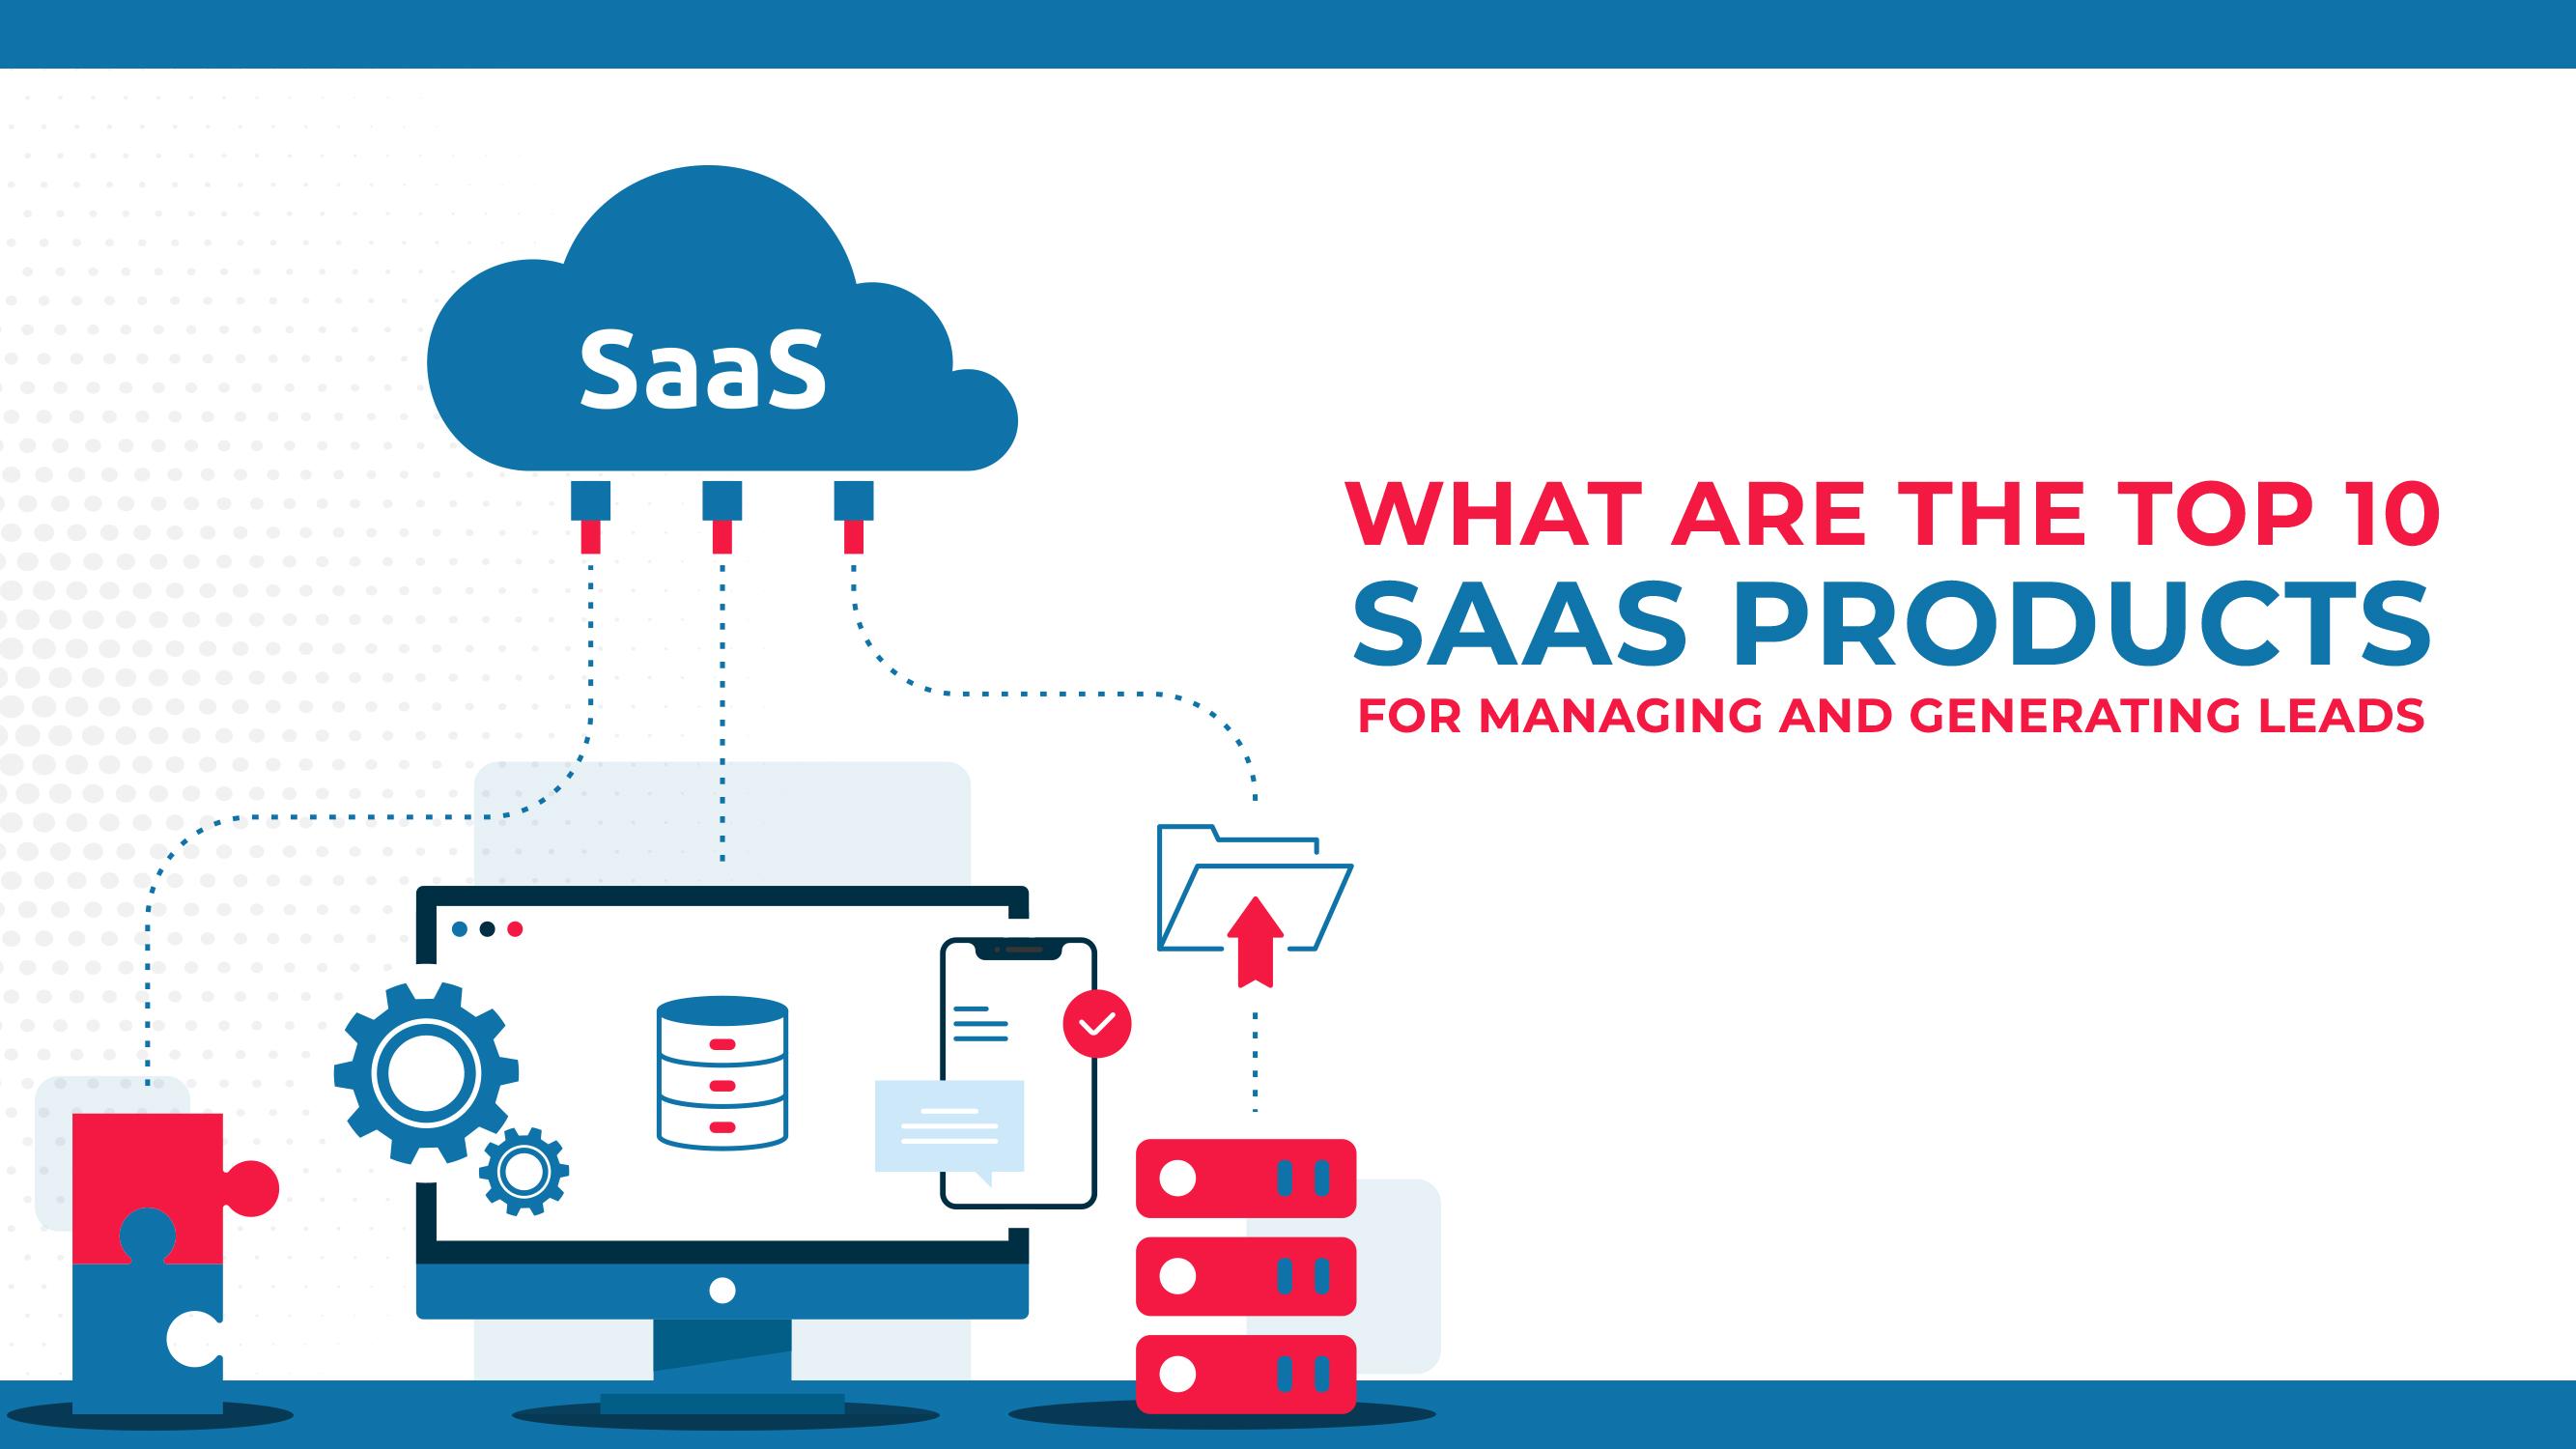 Quais são os 10 principais produtos SAAS para o gerenciamento e geração de pistas?